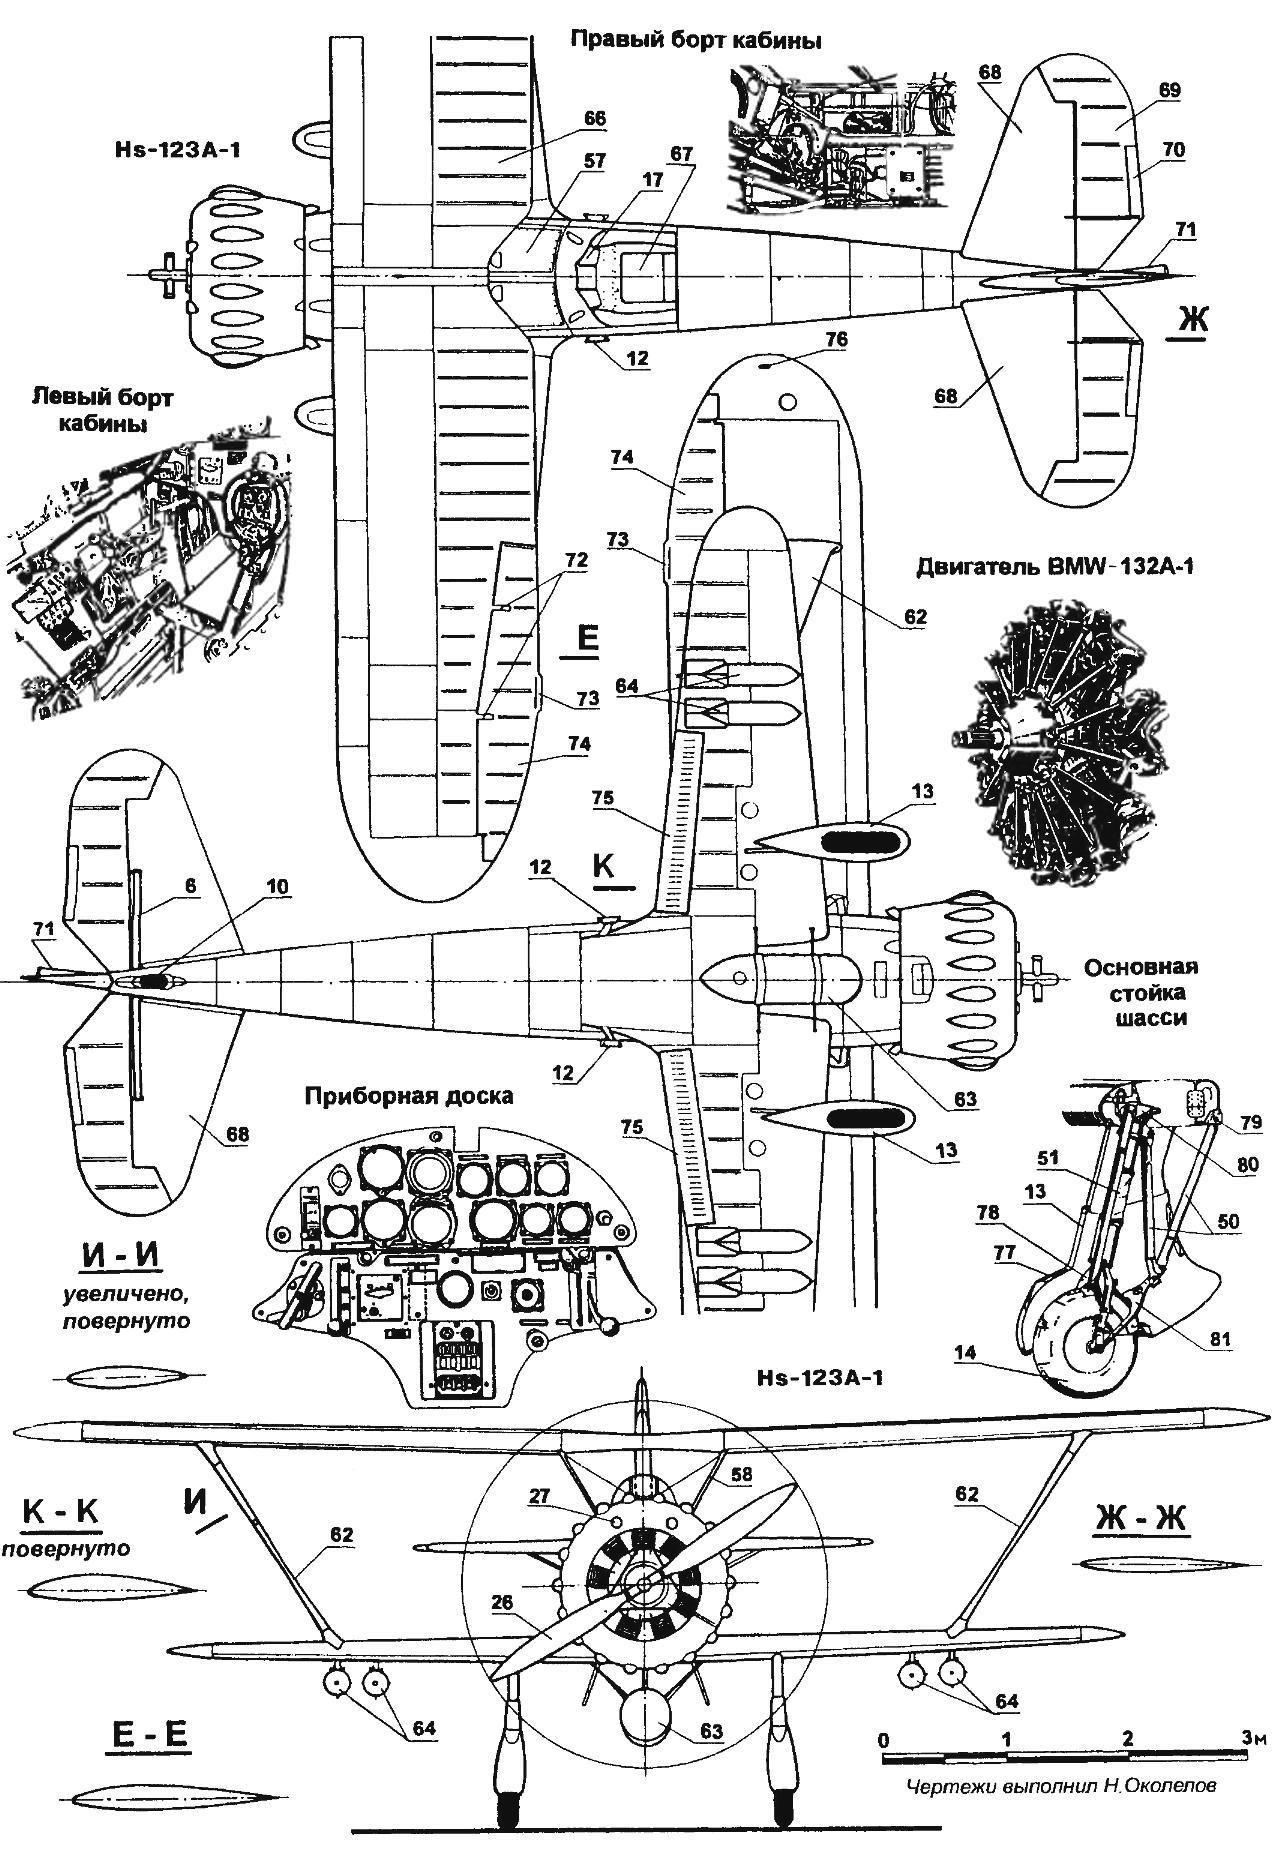 Пикирующий бомбардировщик Hs-123